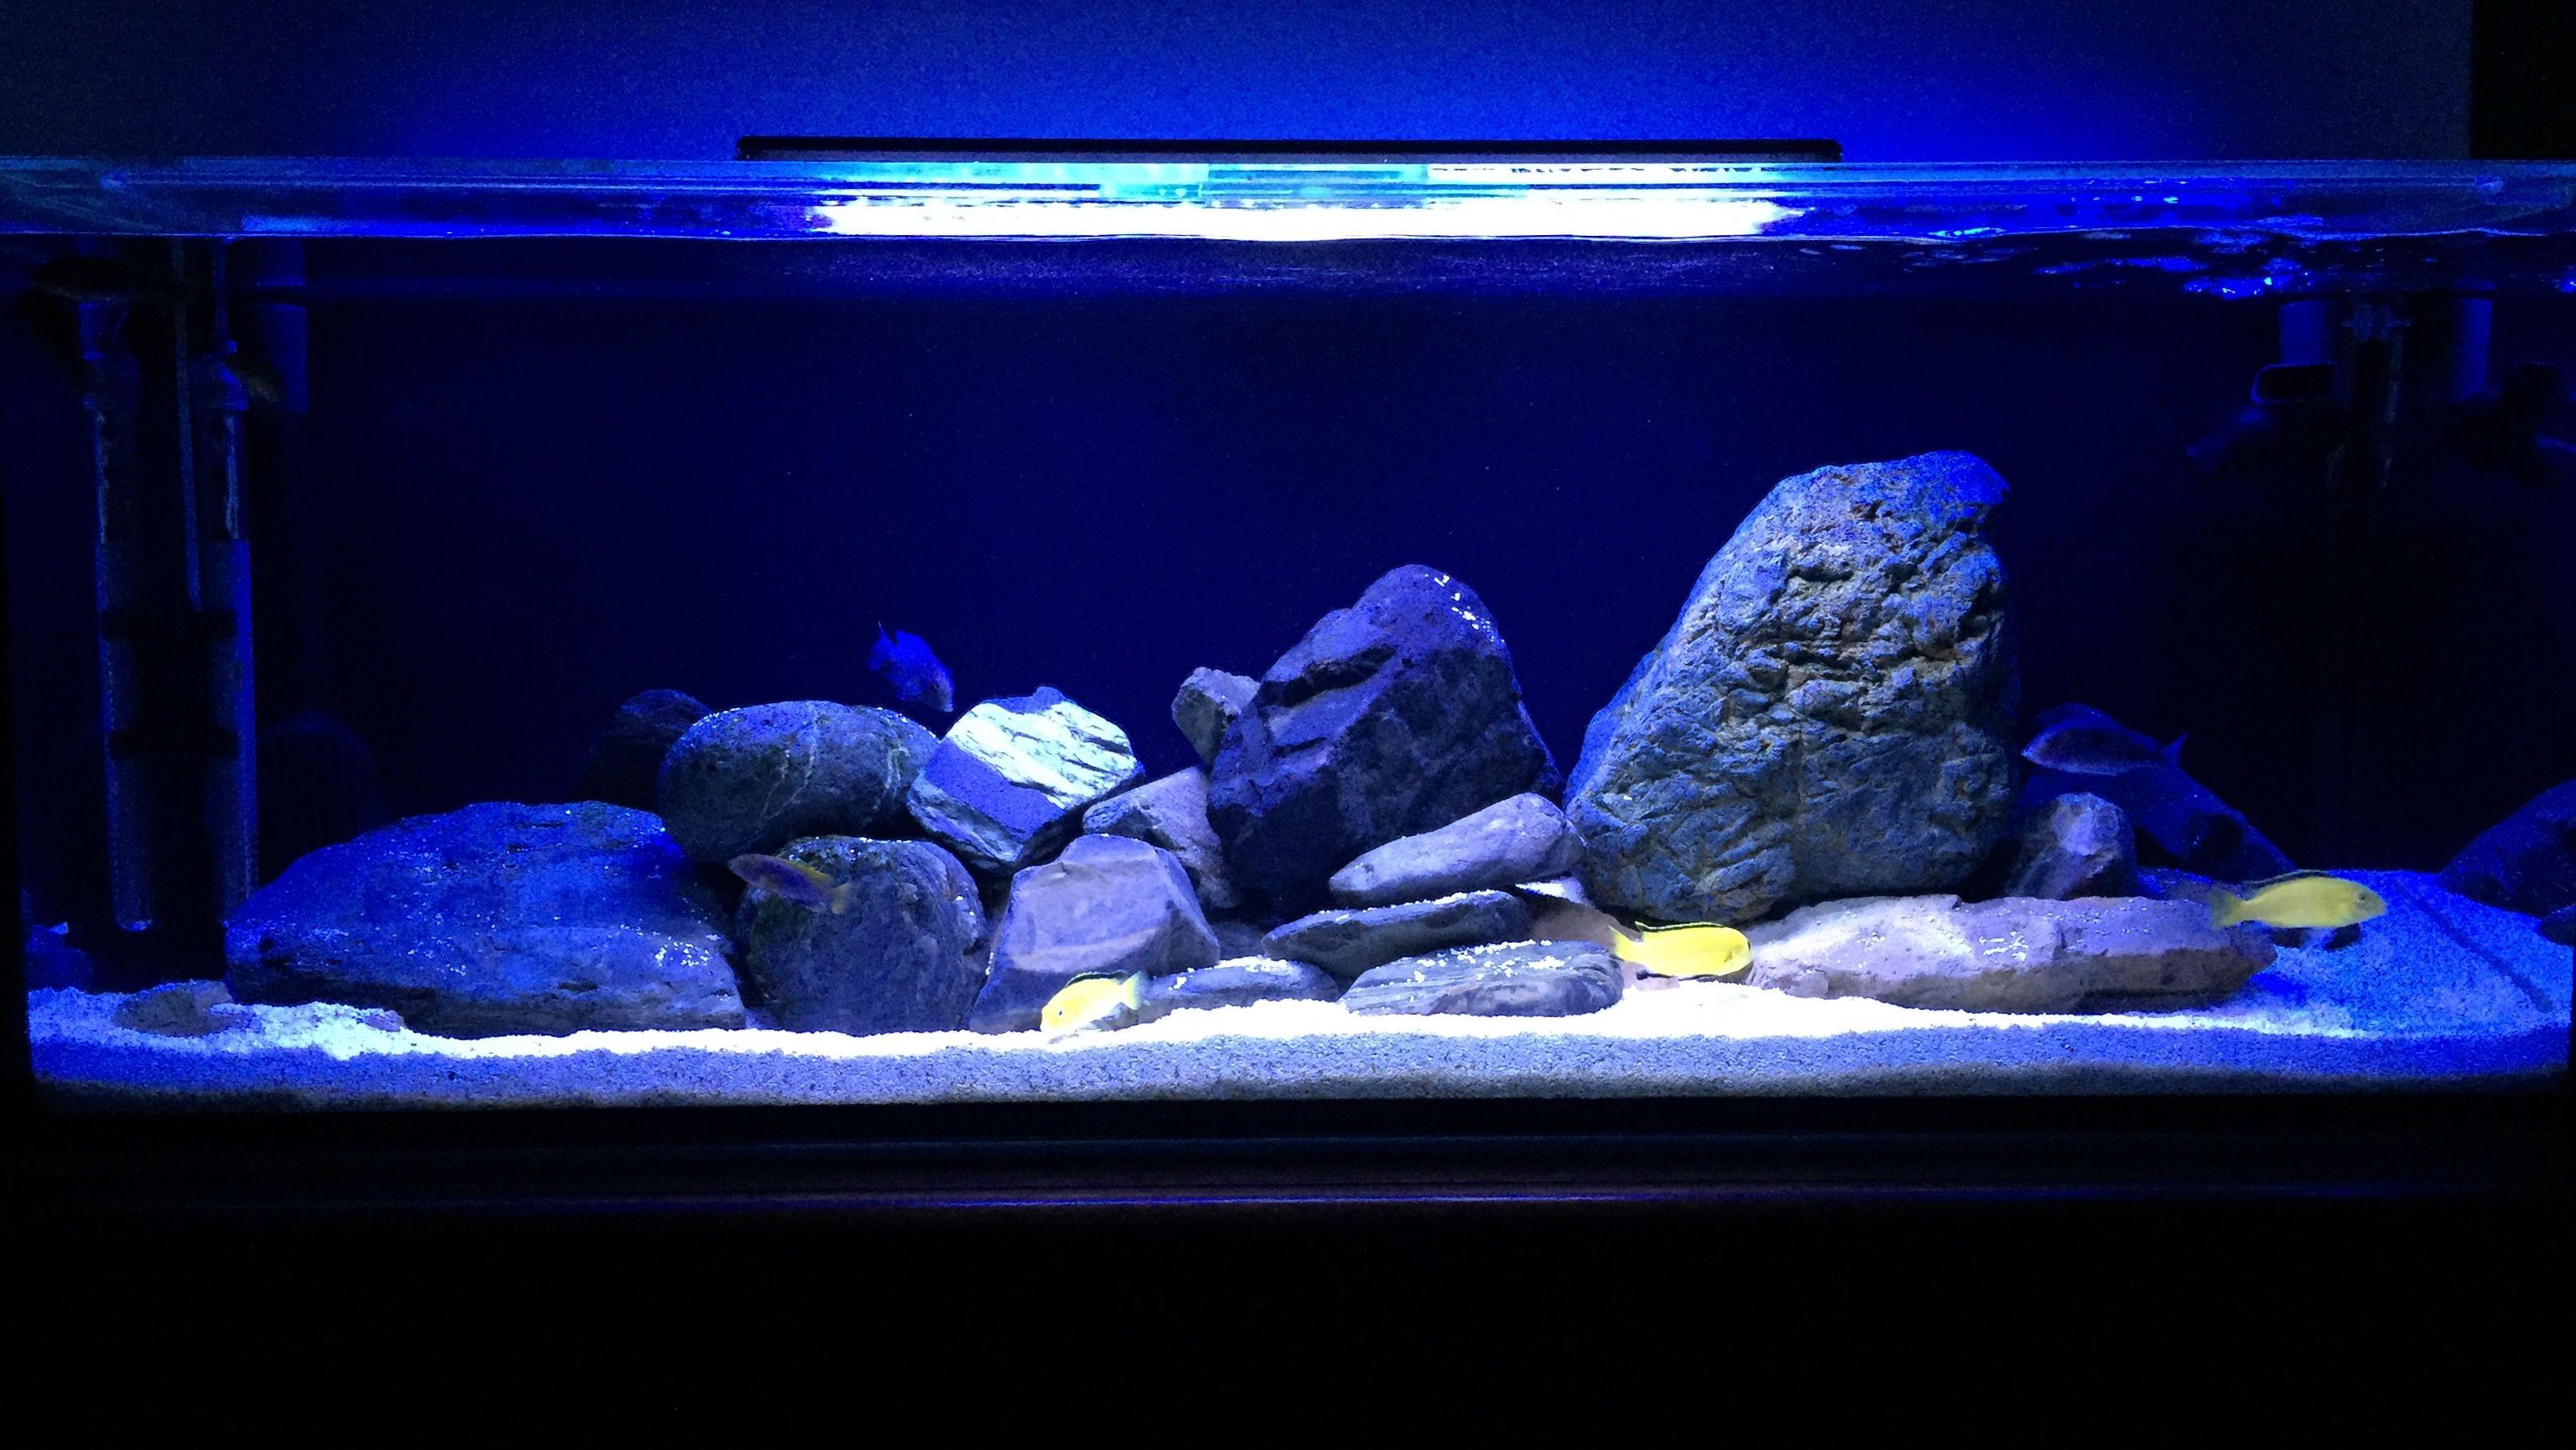 02370da52a239c7b3a3e75f6792532fa Frais De Aquarium Tropical Schème